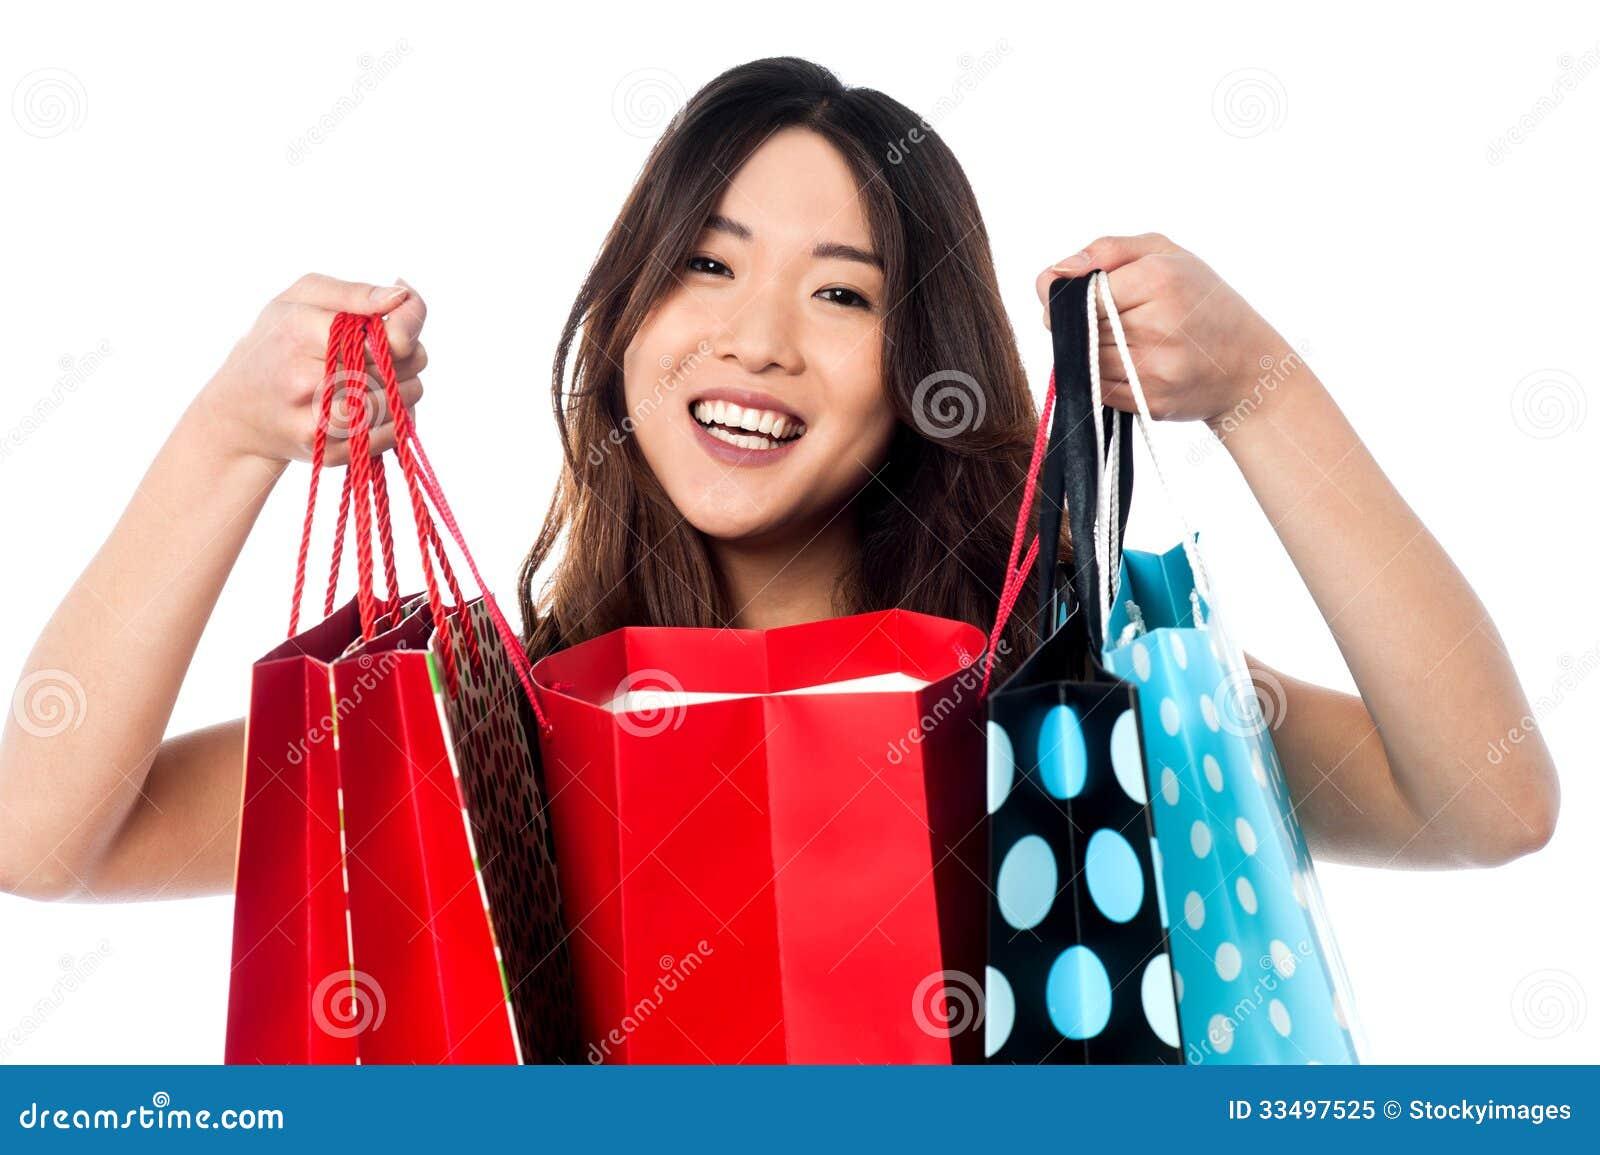 811ae2a990 Αρκετά νέες κινεζικές τσάντες αγορών εκμετάλλευσης κοριτσιών Στοκ ...